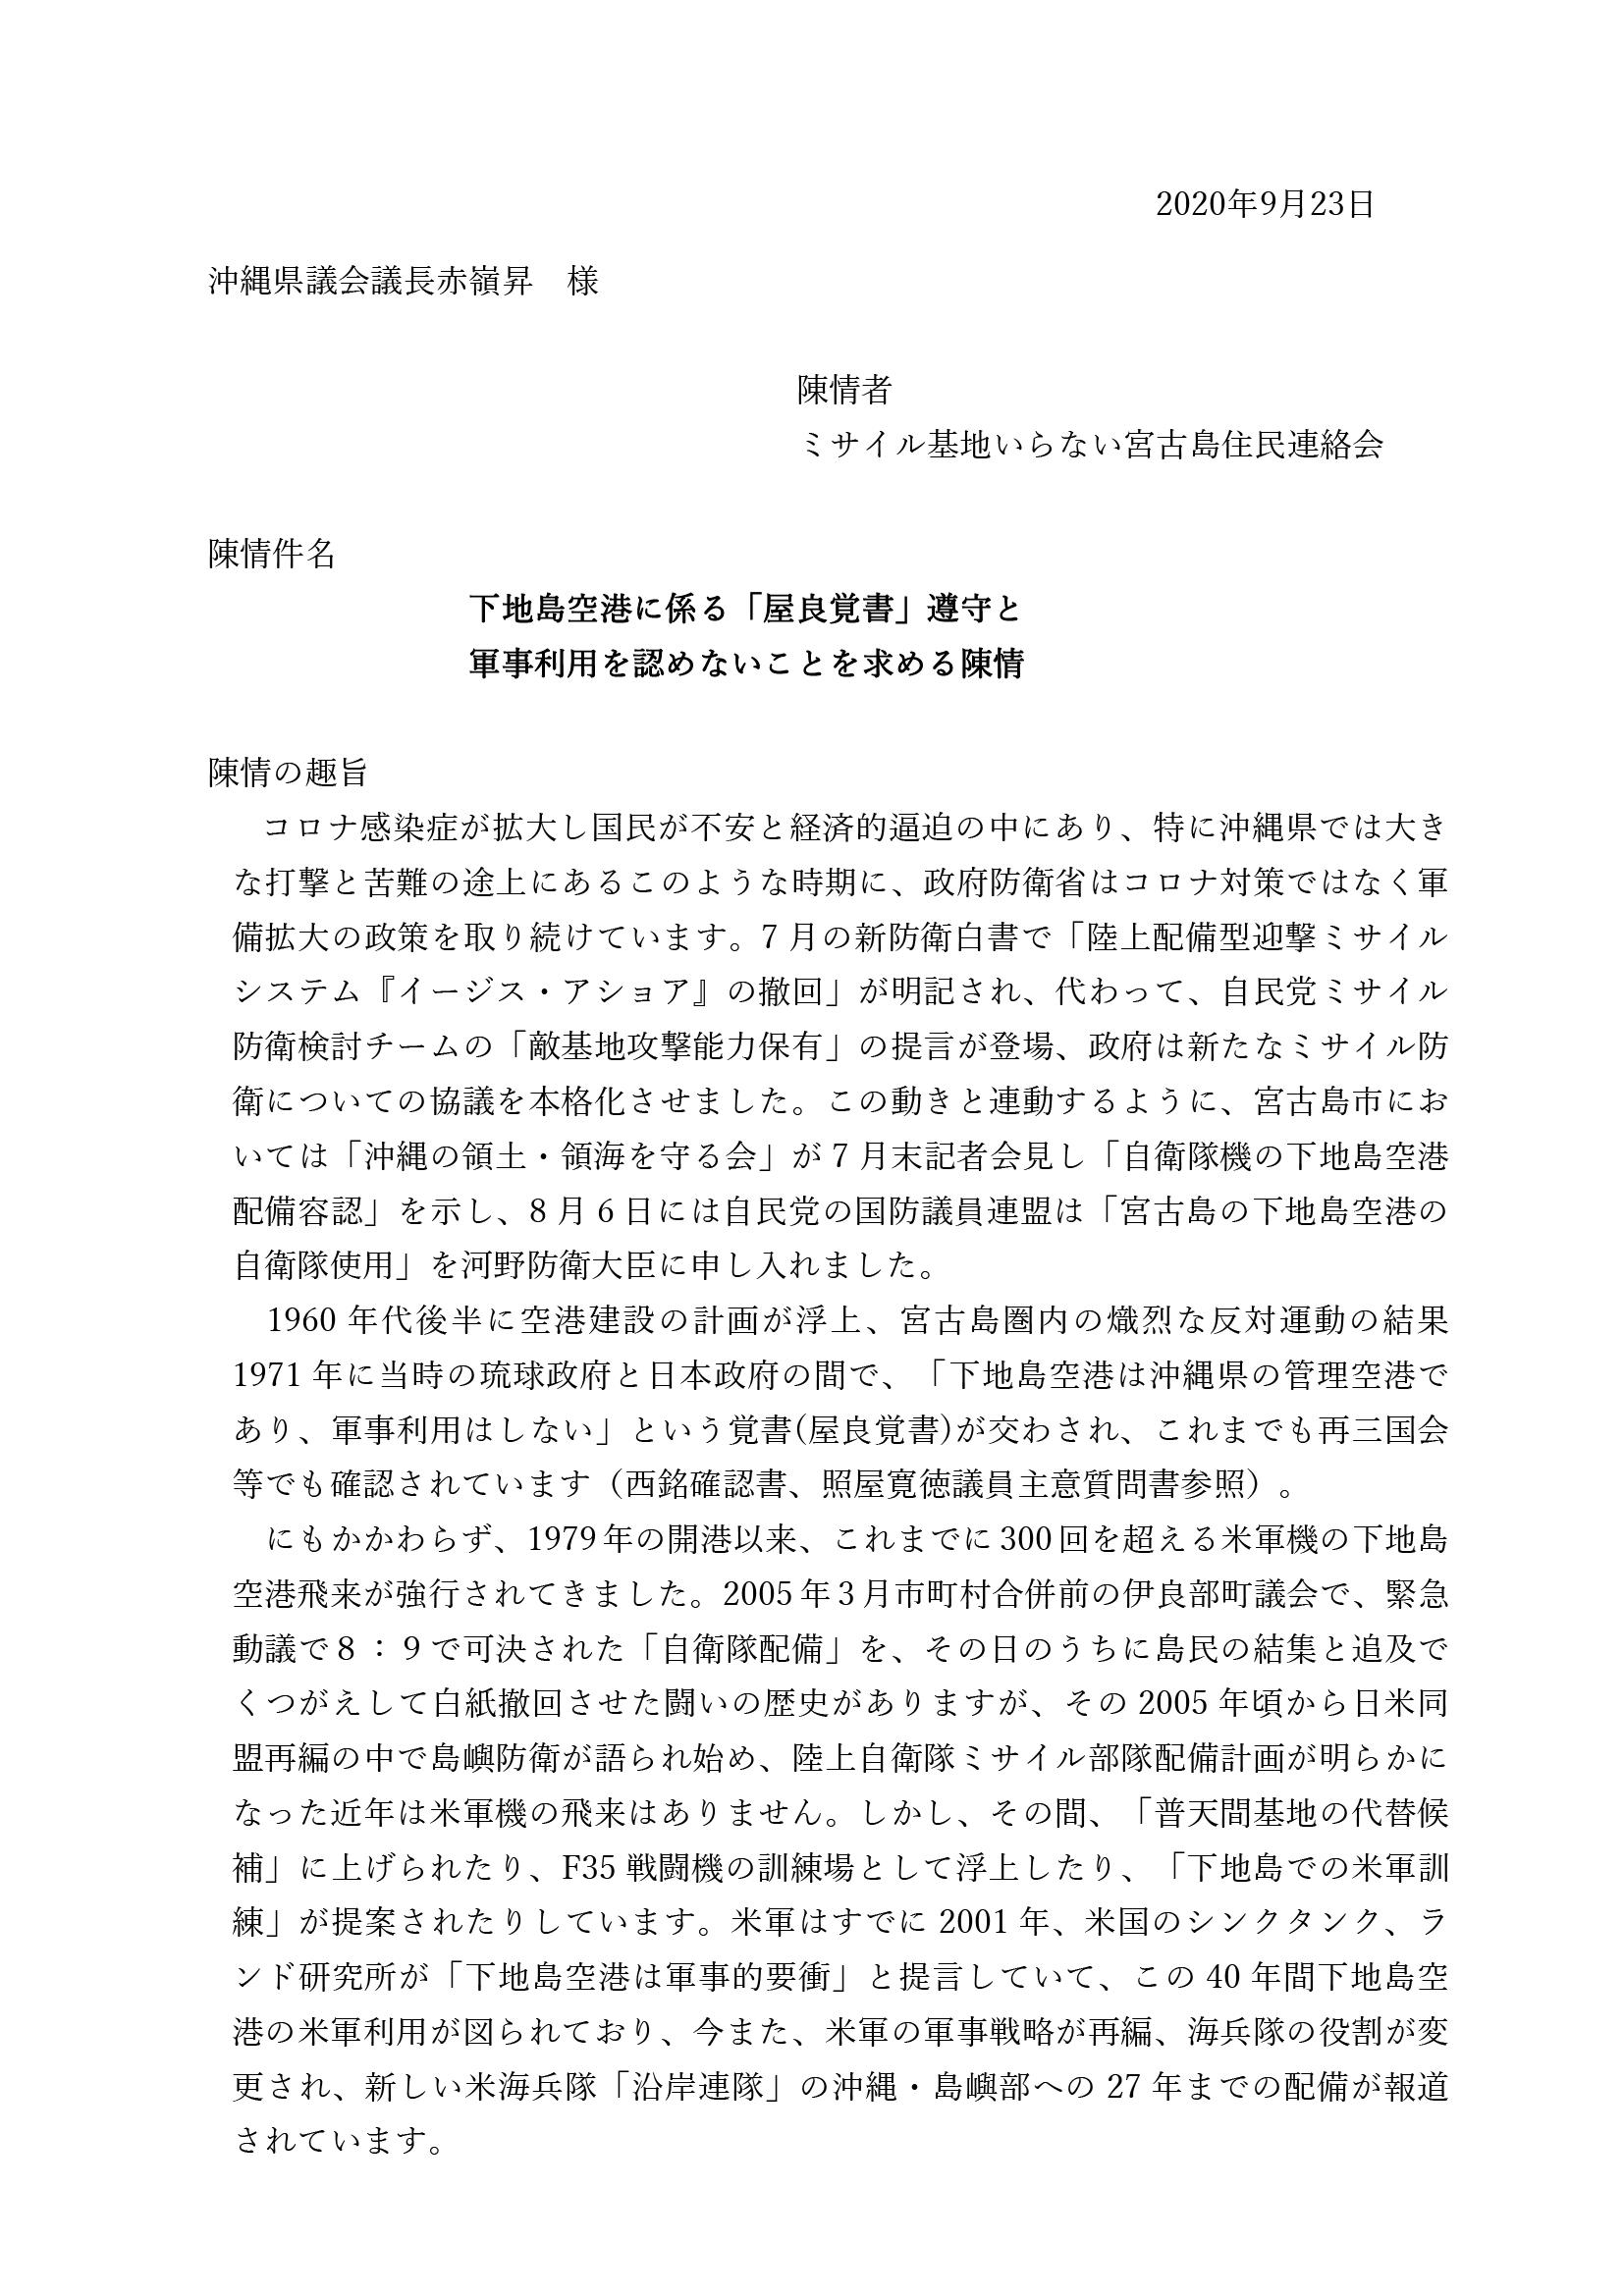 県議会陳情書2020 0923ブログ用01